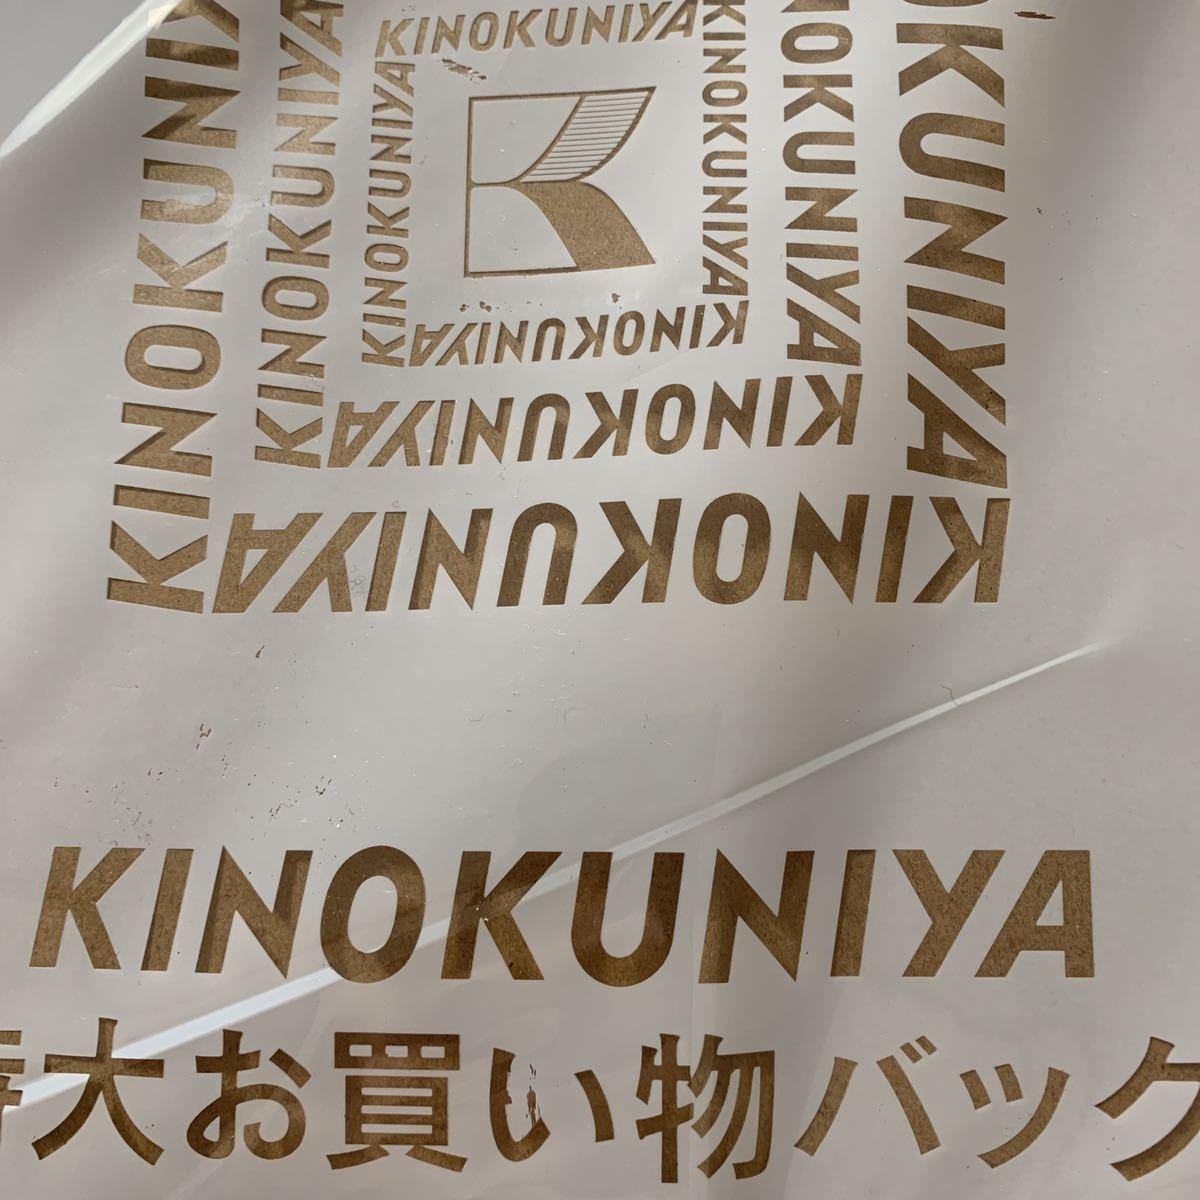 オトナミューズ2月号 KINOKUNIYA特大お買い物バッグ 未開封